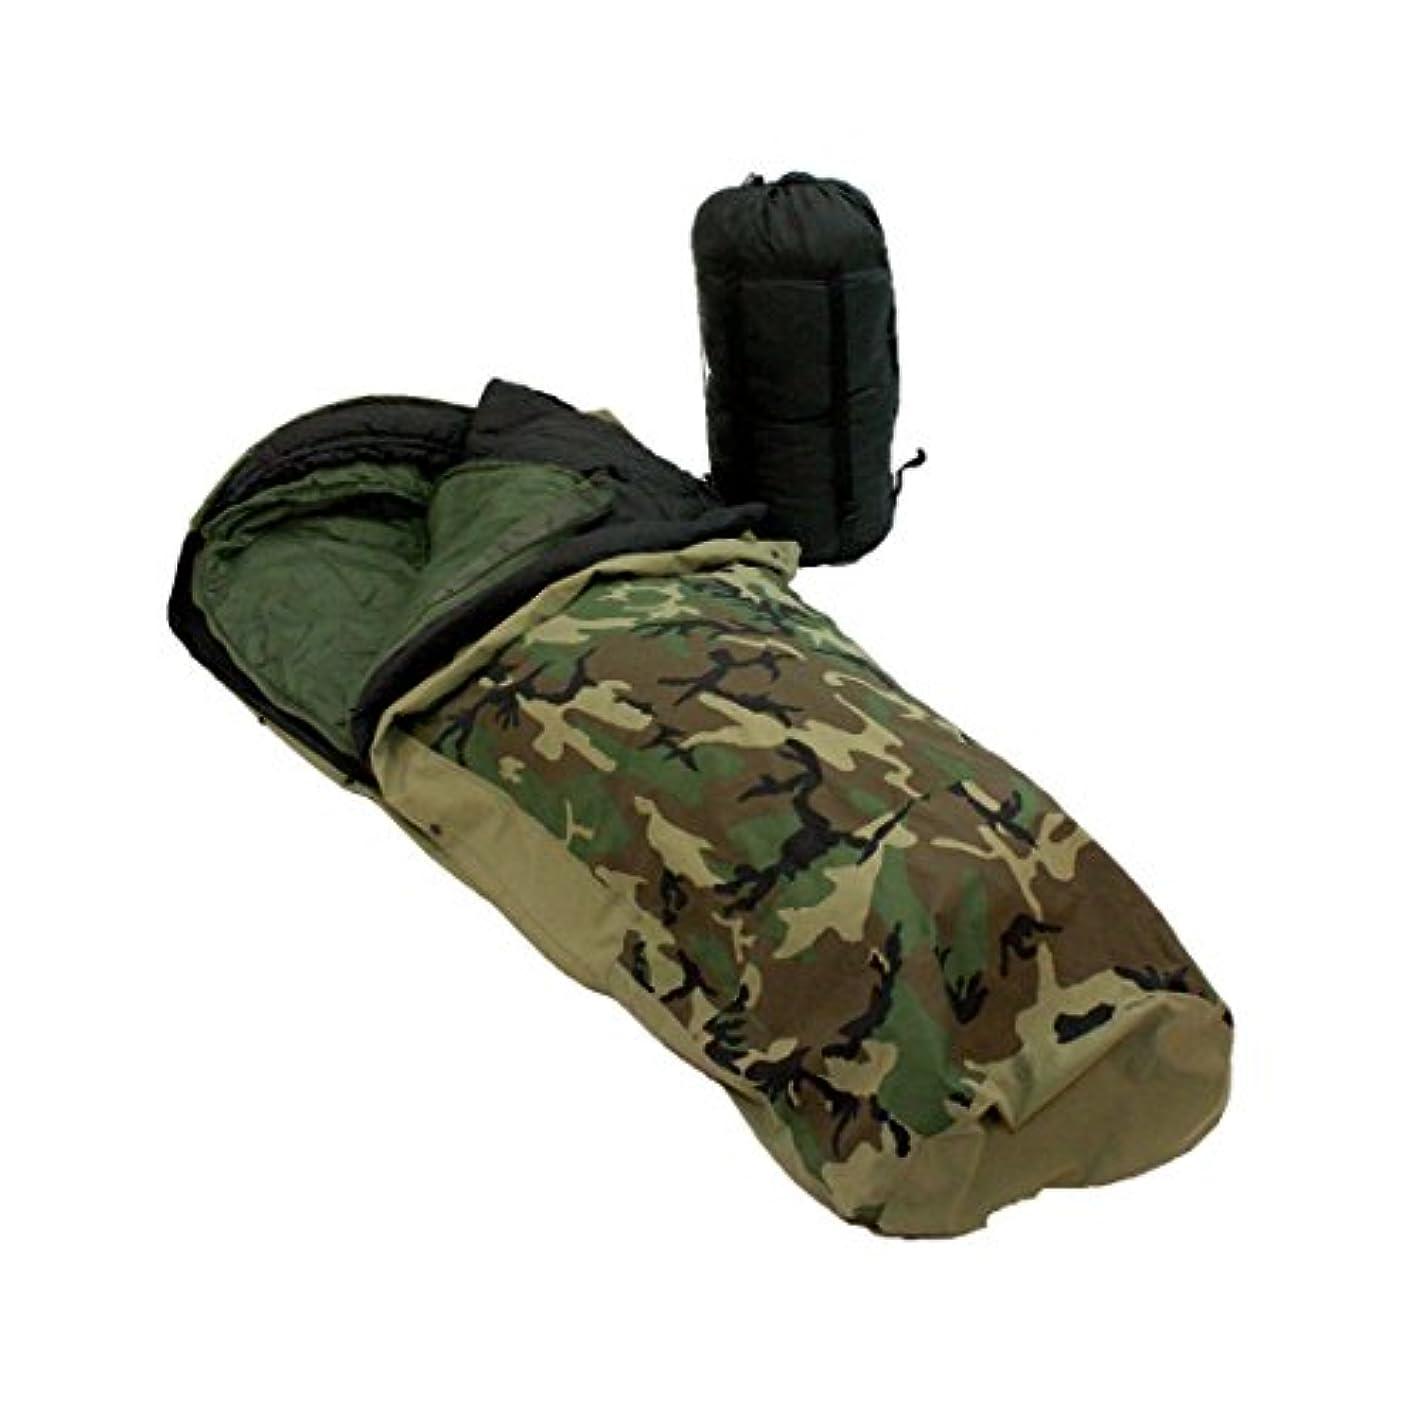 安いです快適パット実物米軍 モジュラーシステム-34.4℃ シェラフ 寝袋 [並行輸入品]